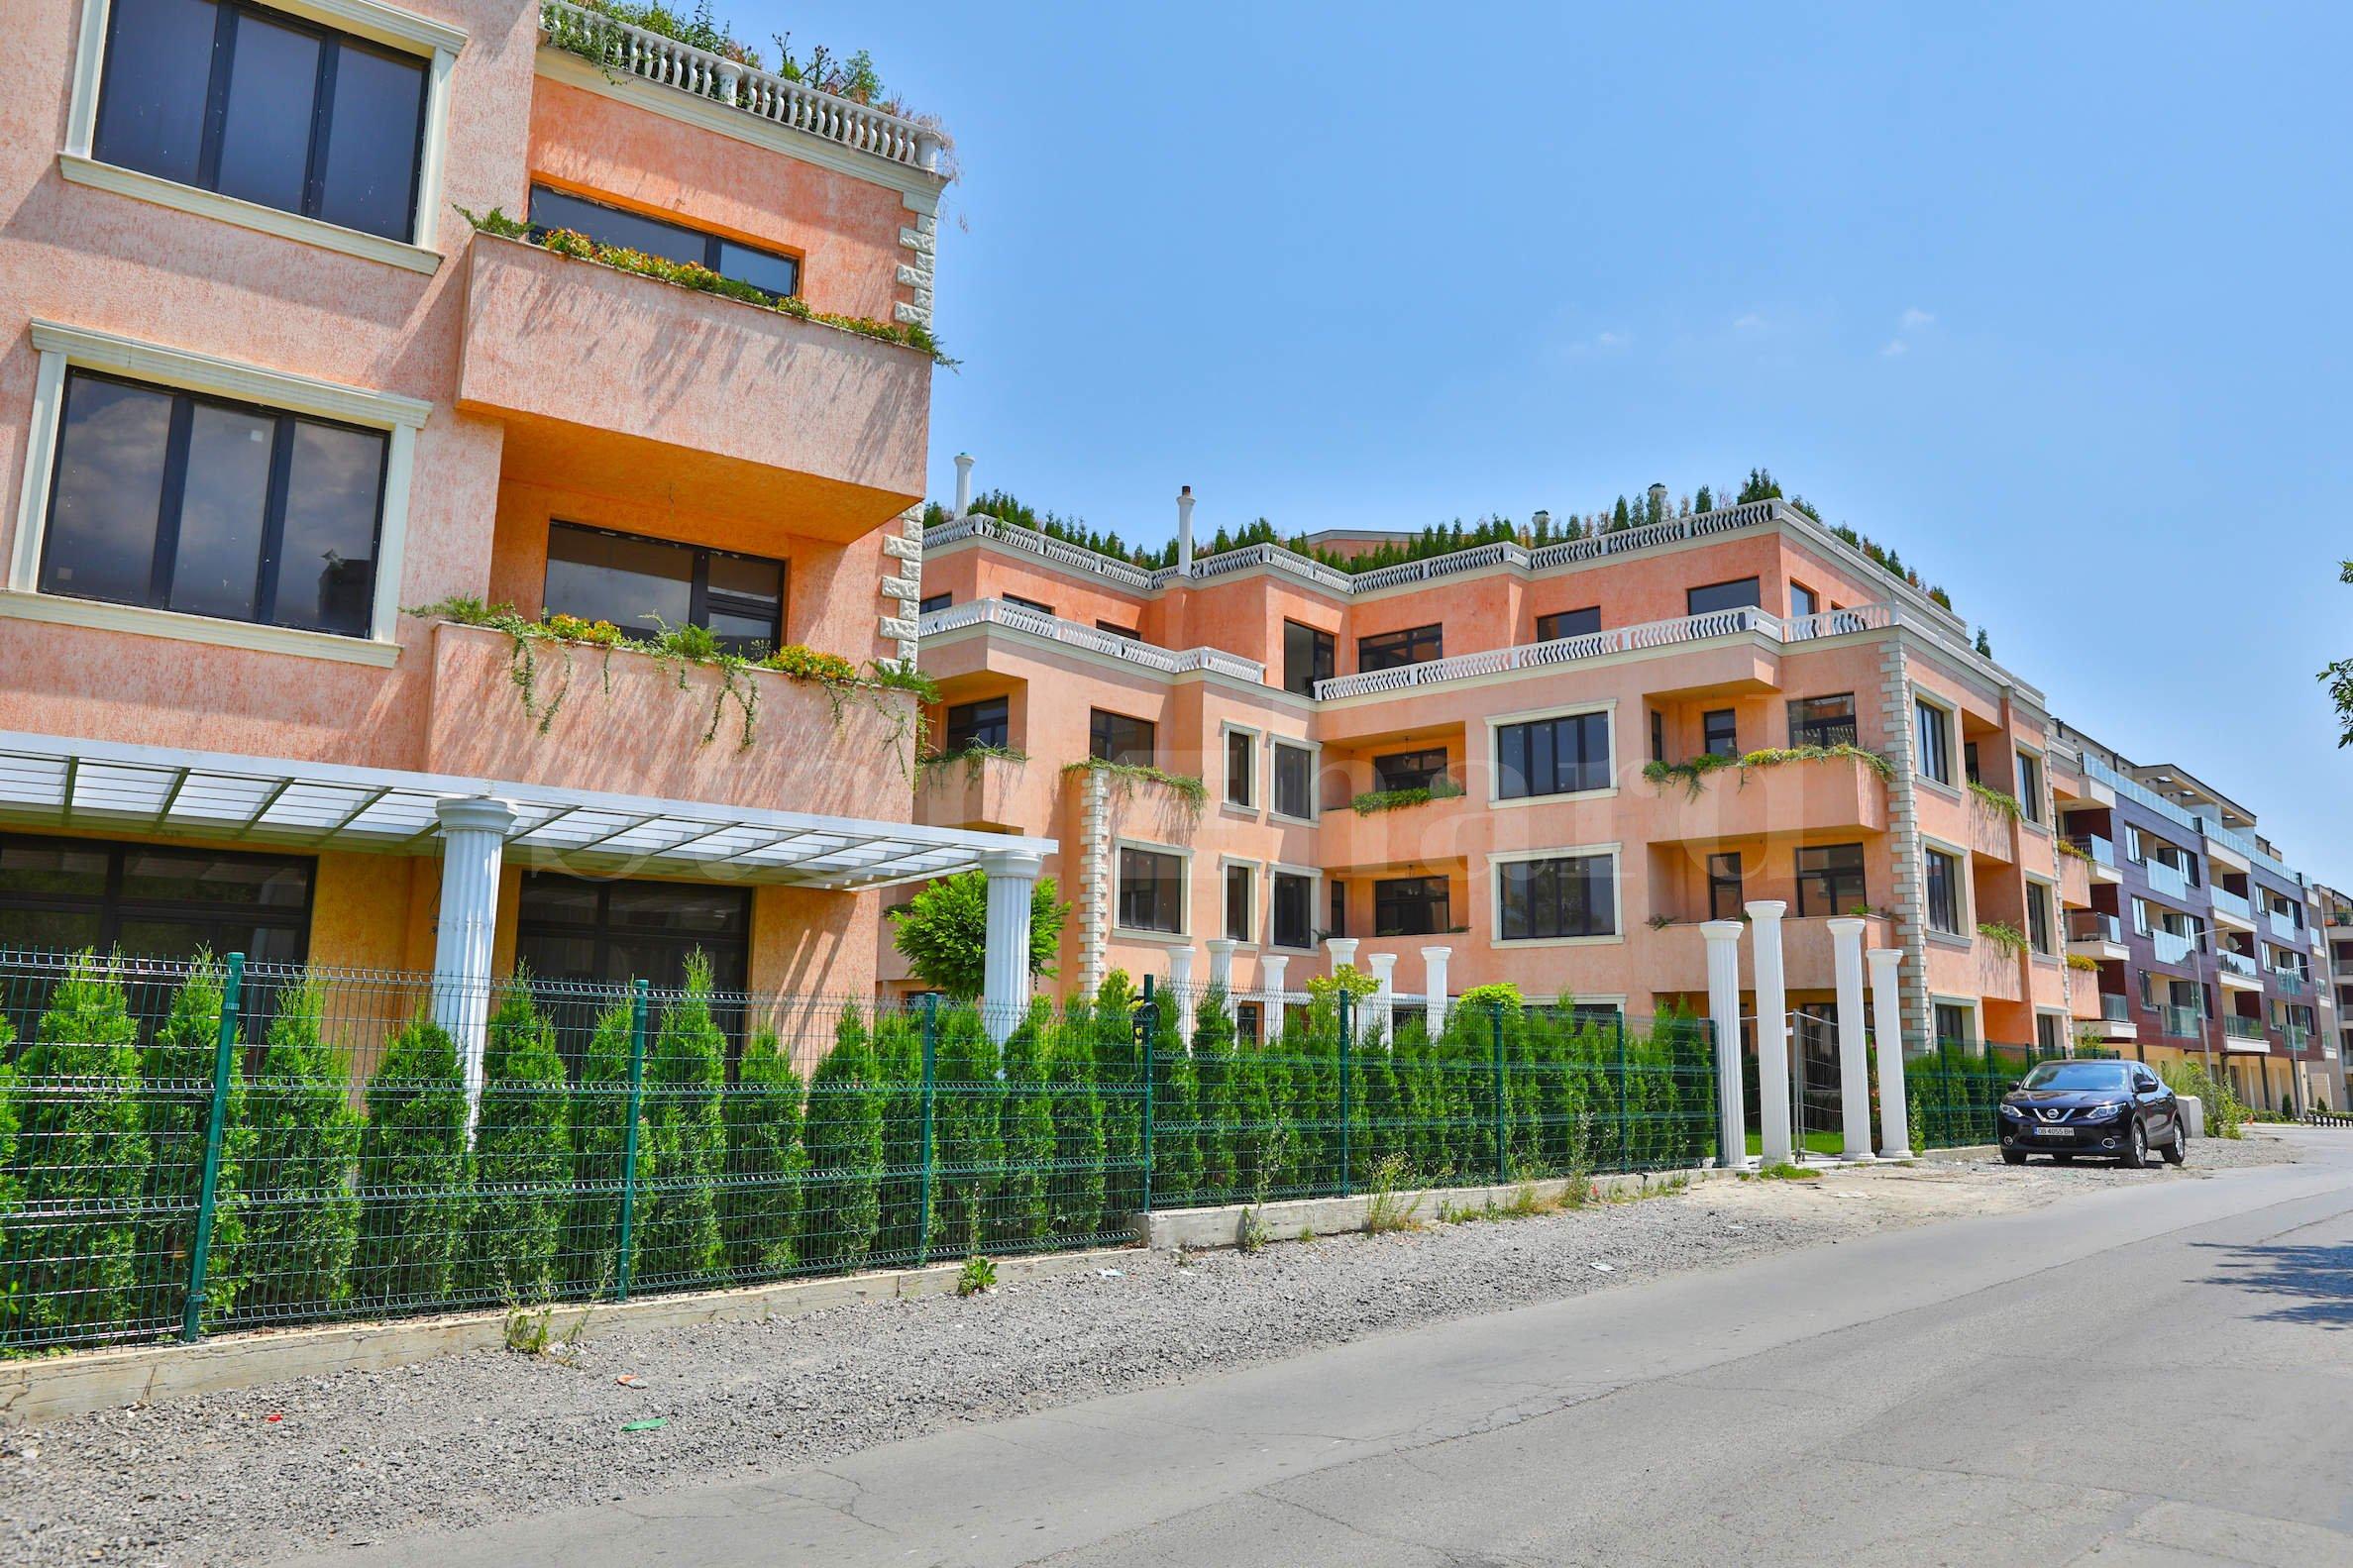 Комплекс от две сгради в тих южен район на София2 - Stonehard